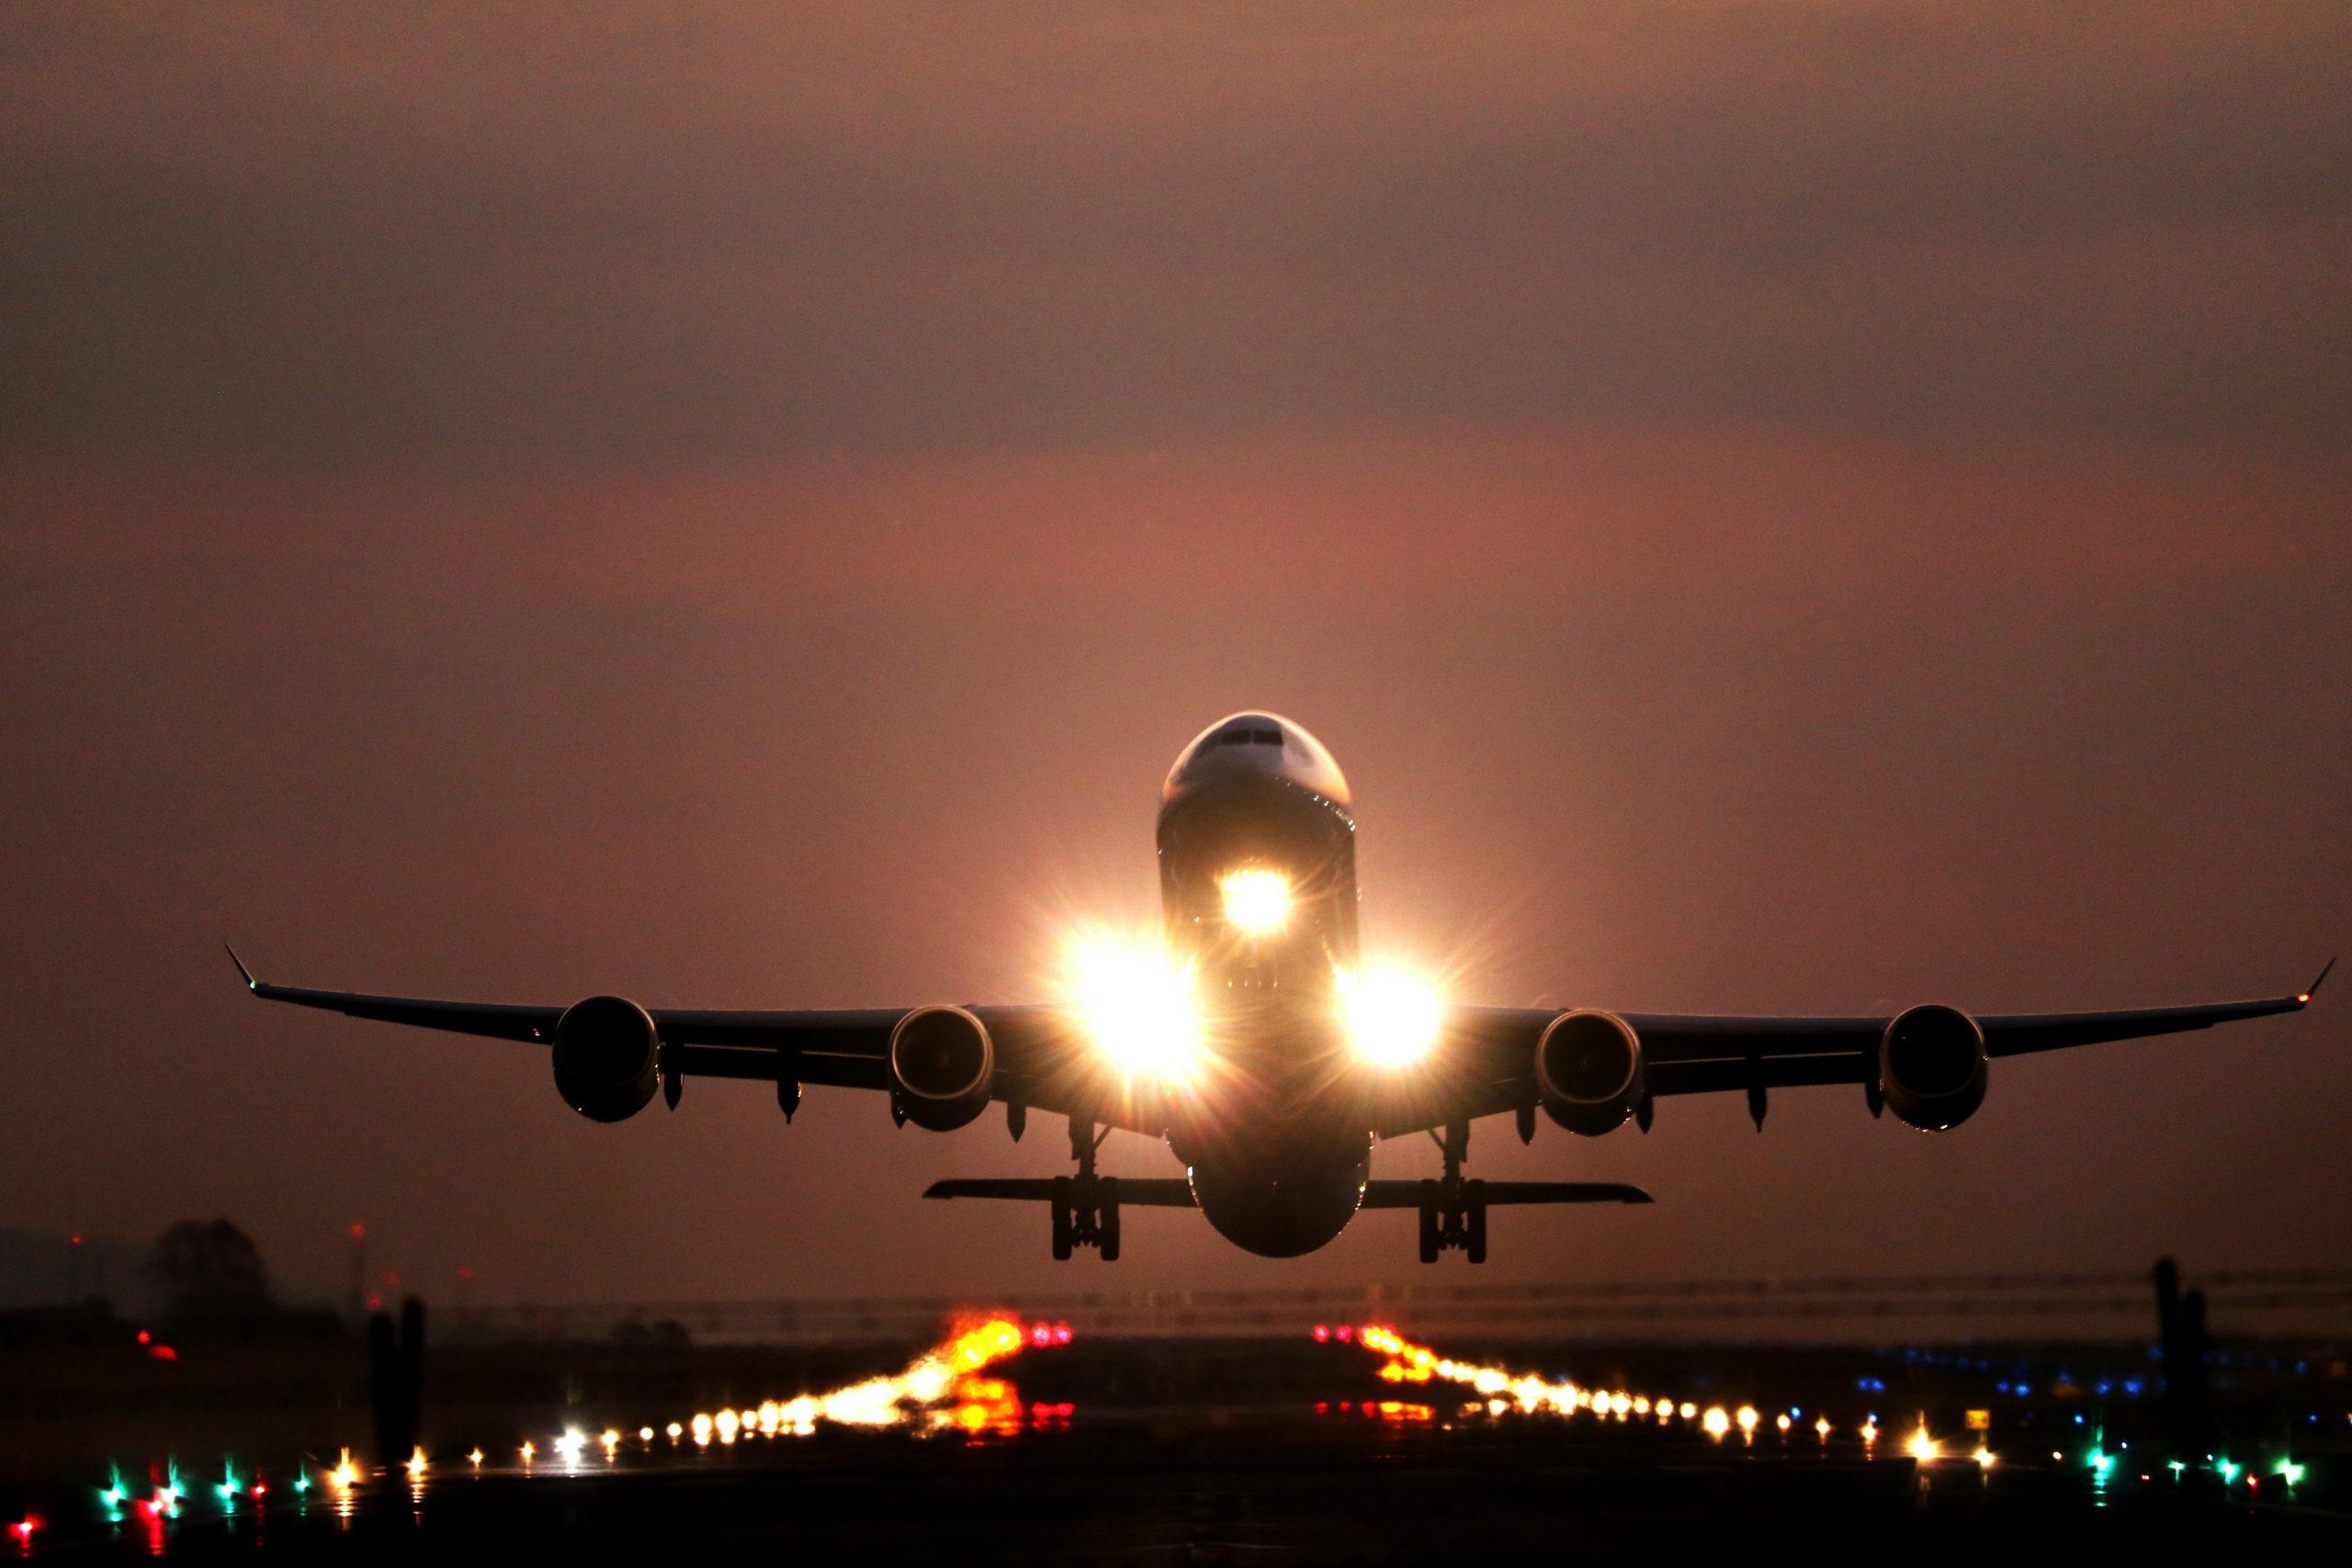 Avião pousando, e atrás um céu de entardecer